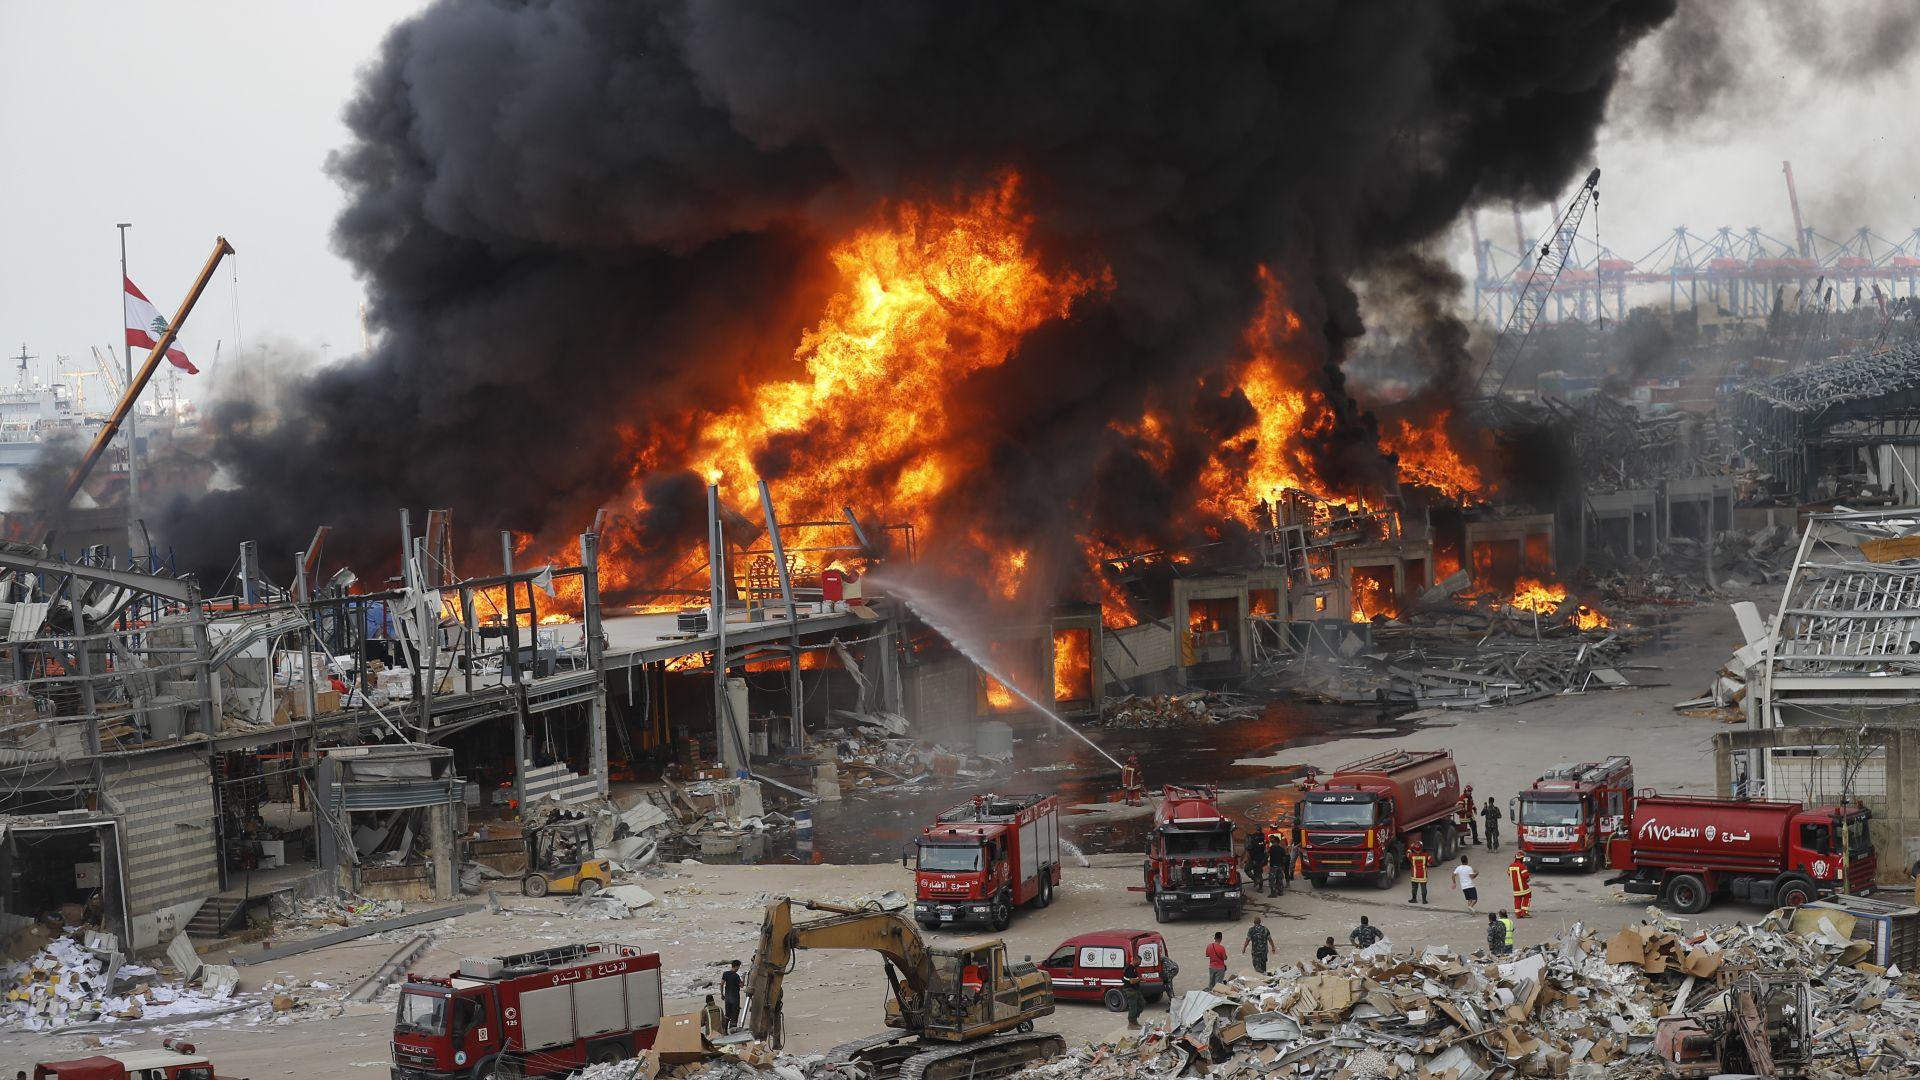 Голям пожар избухна в склад на пристанището в Бейрут и предизвика паника (снимки и видео)